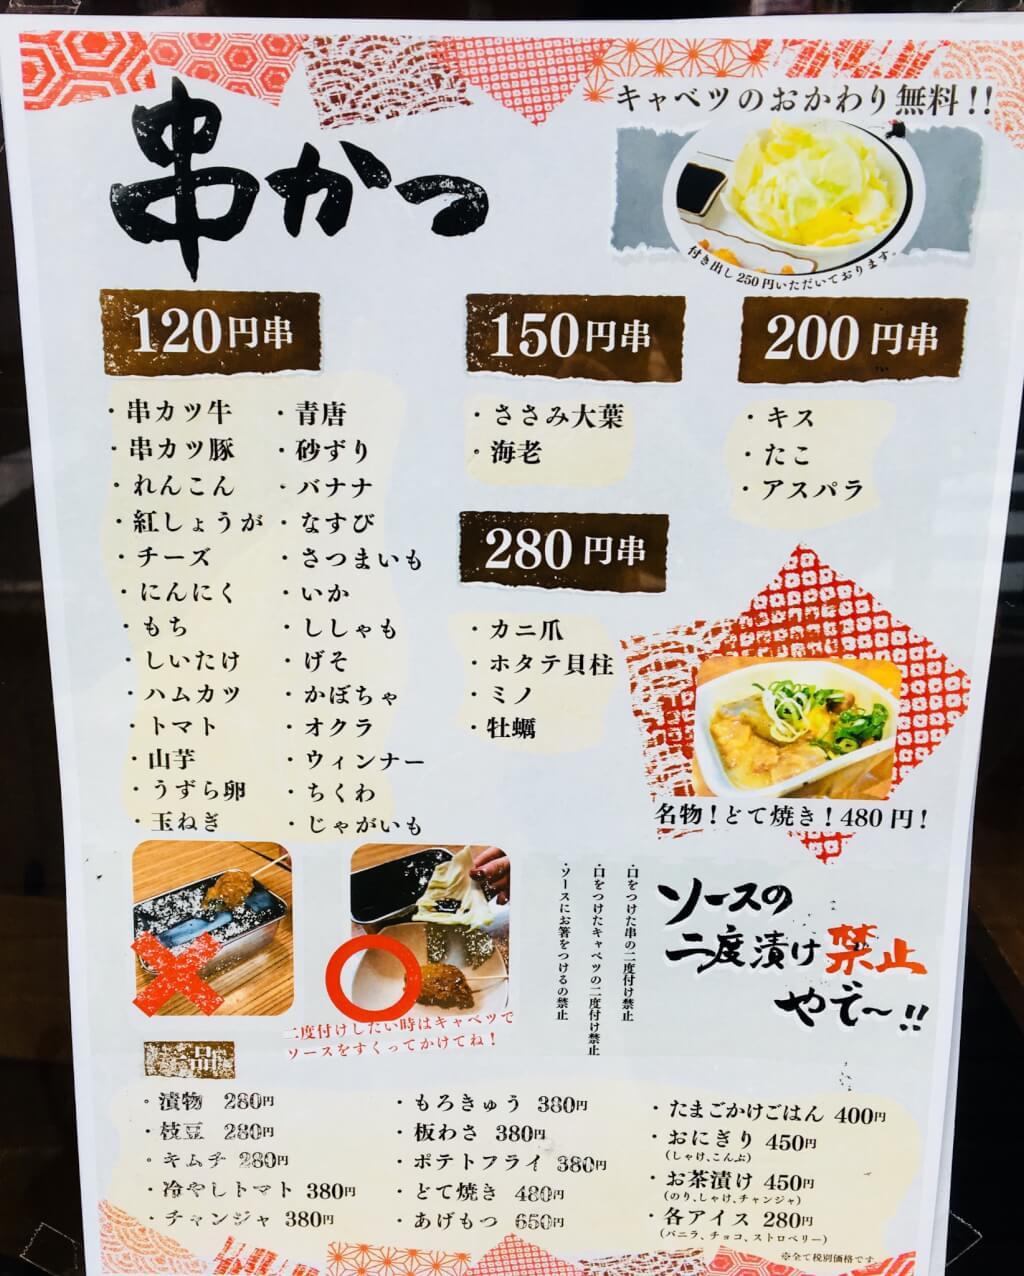 monkatsu menu